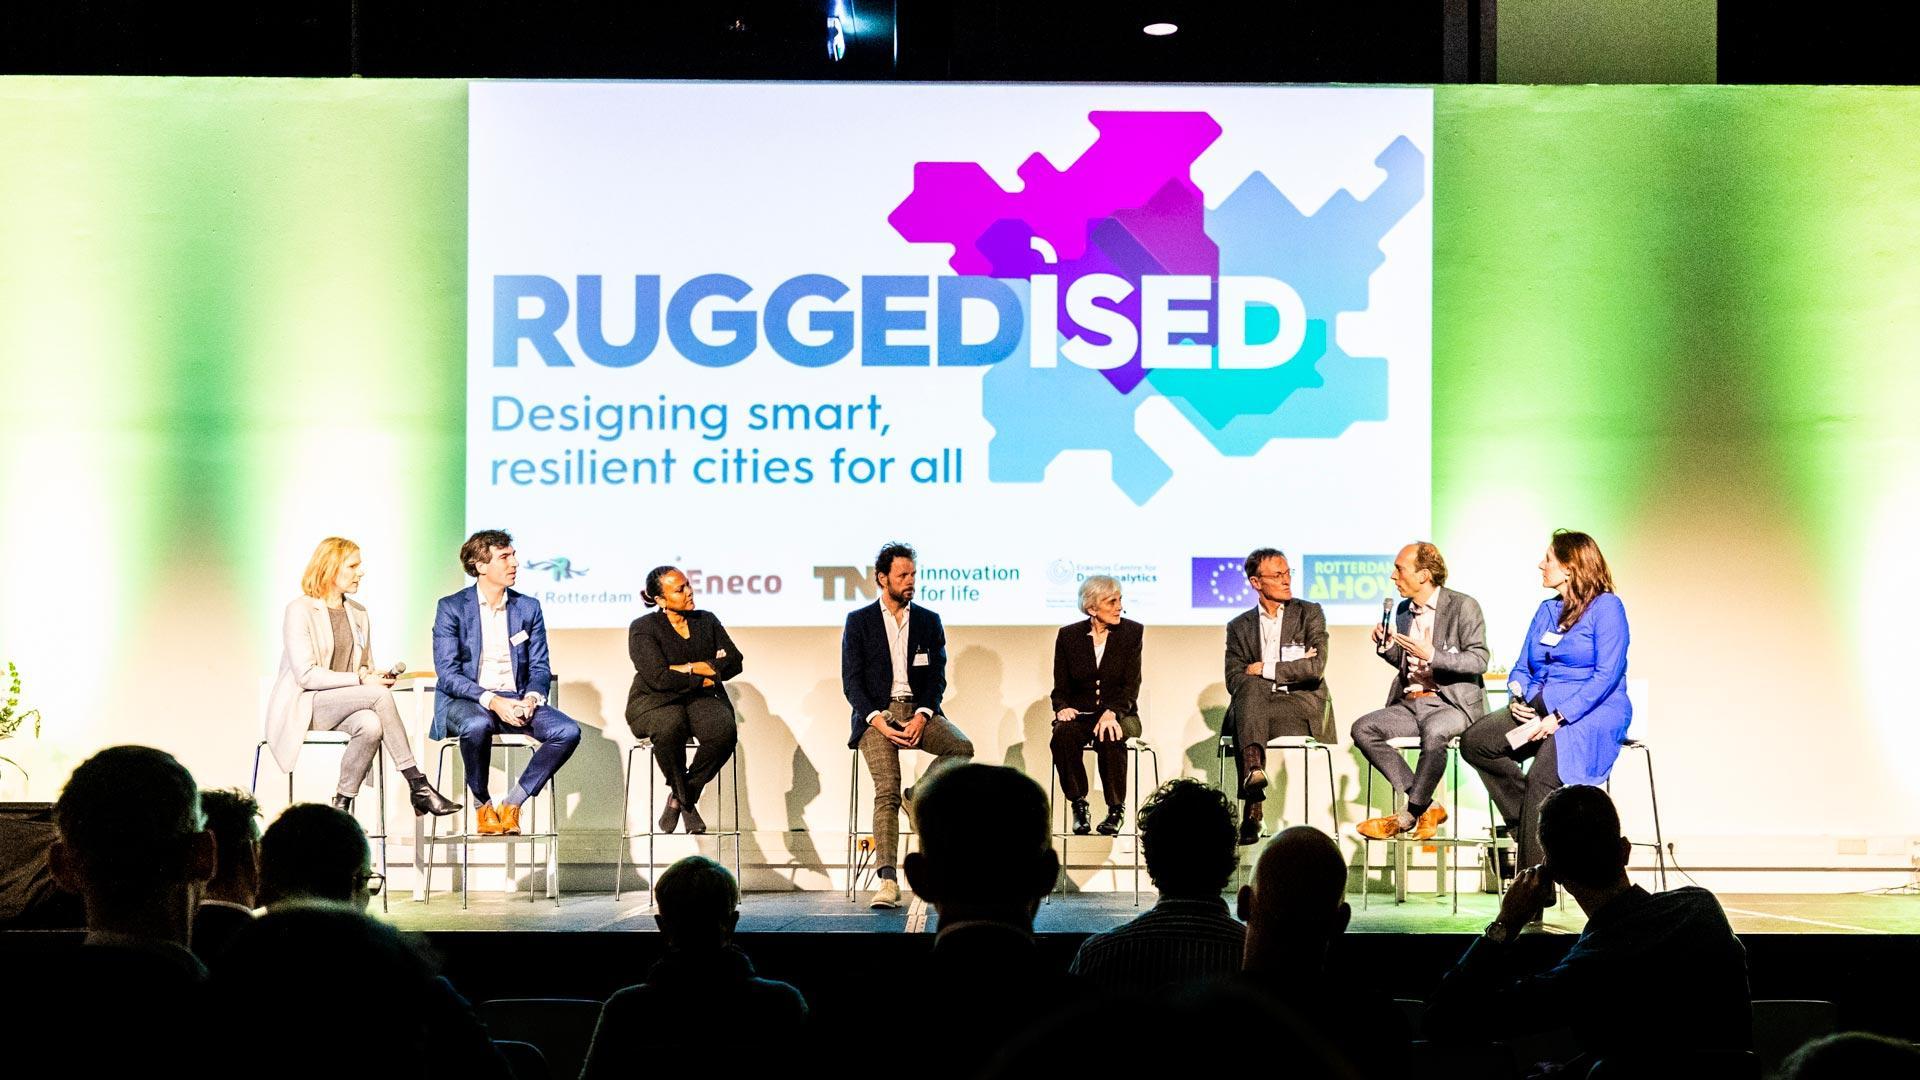 RUGGEDISED-congres in Rotterdam Ahoy maakt zichtbaar dat samenwerken loont om de stad te verduurzamen